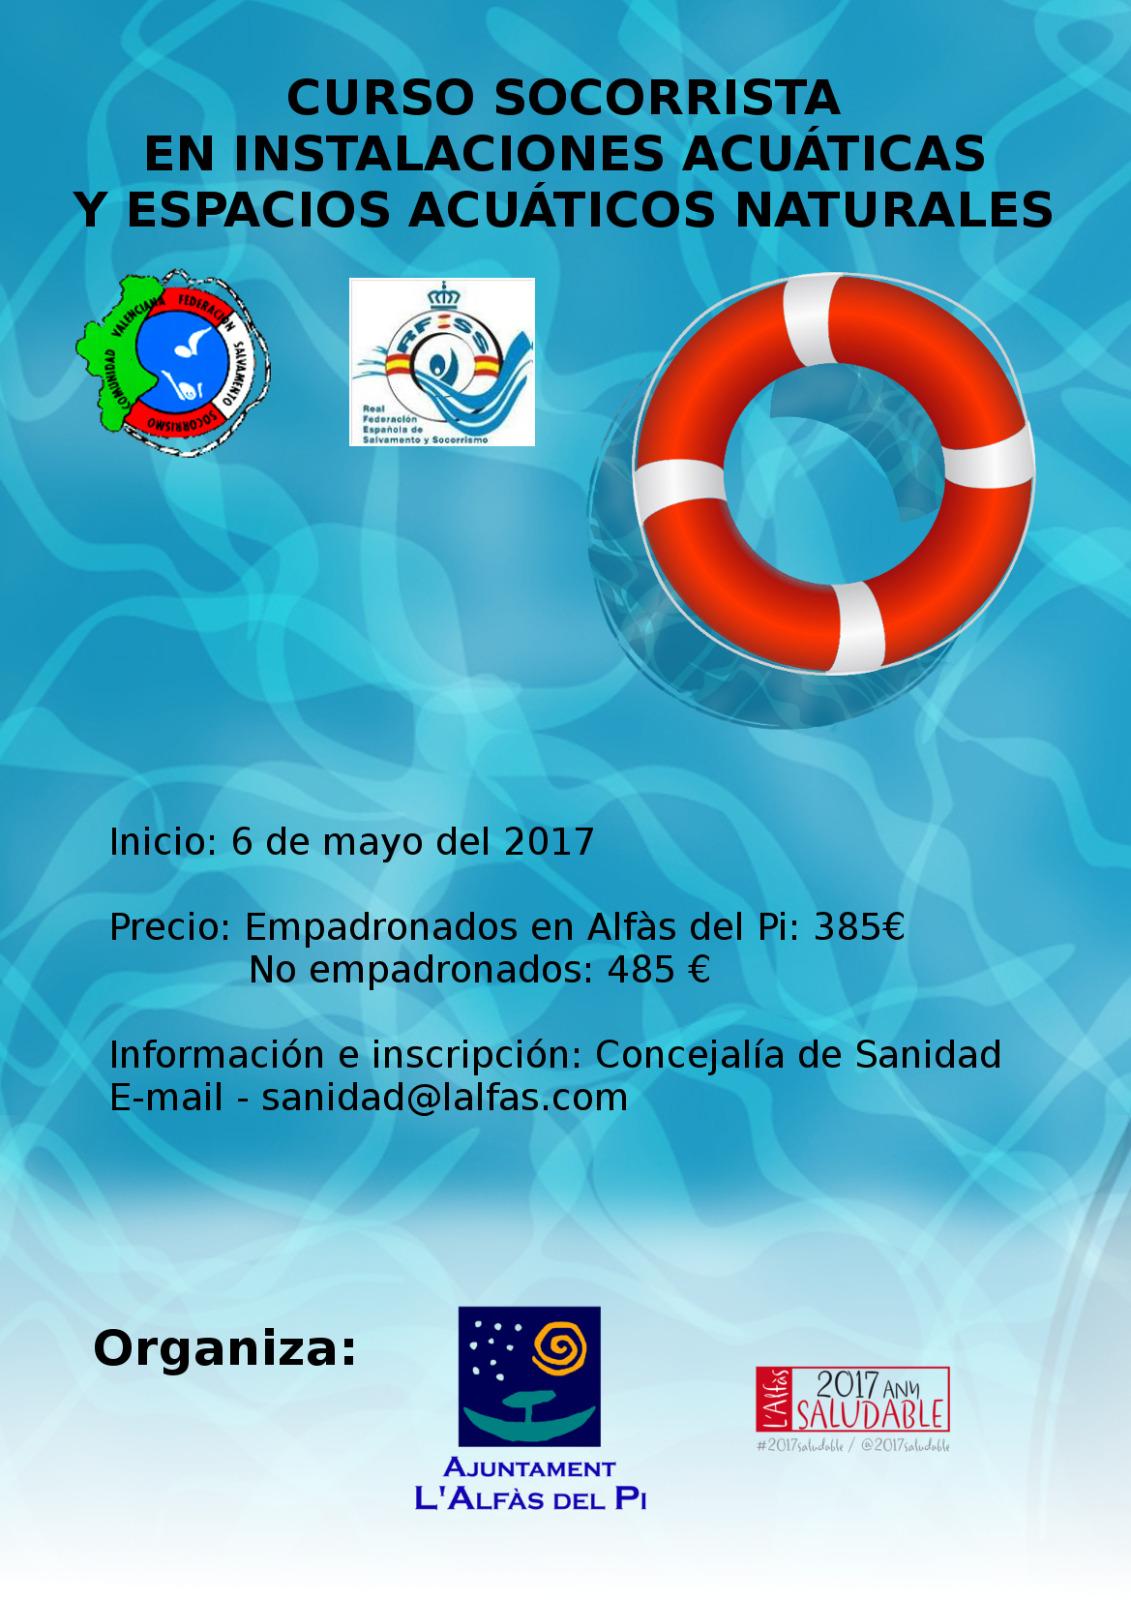 Sanidad y la ADL de l'Alfàs del Pi lanzan un curso de socorrismo acuático